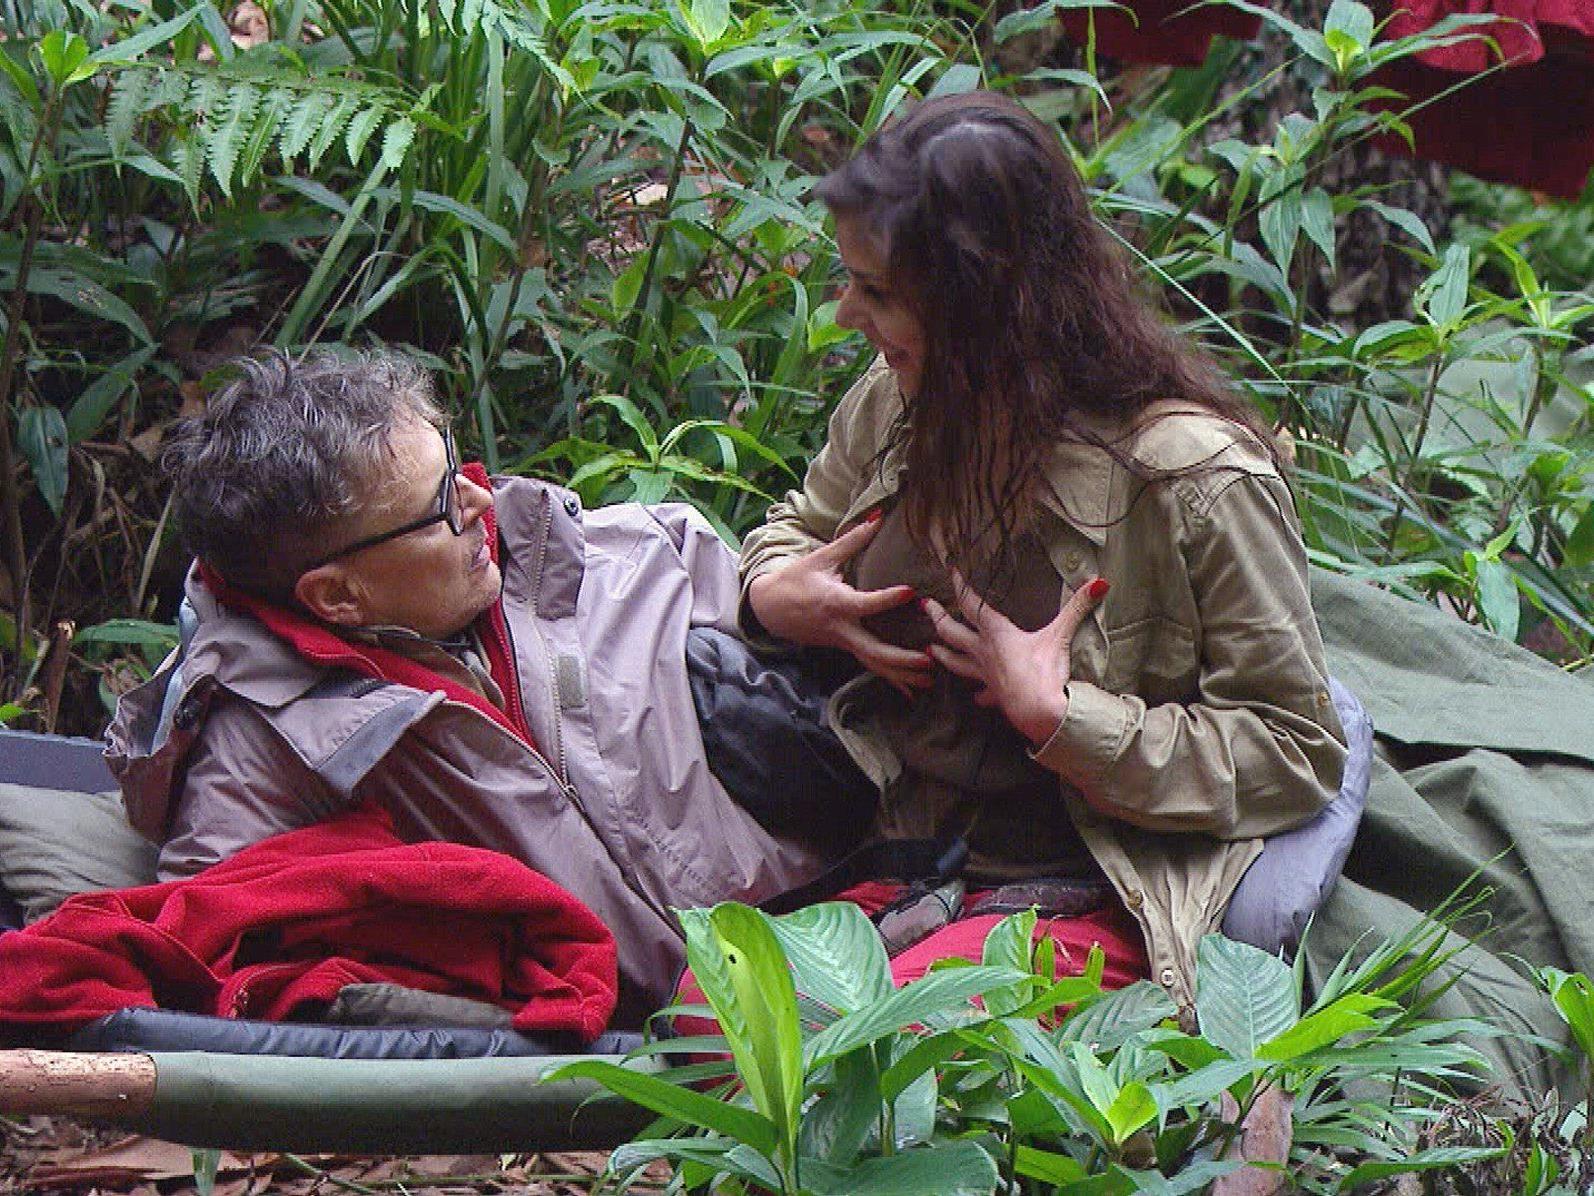 Tanja diskutierte mit Rolfe über ihre Brüste